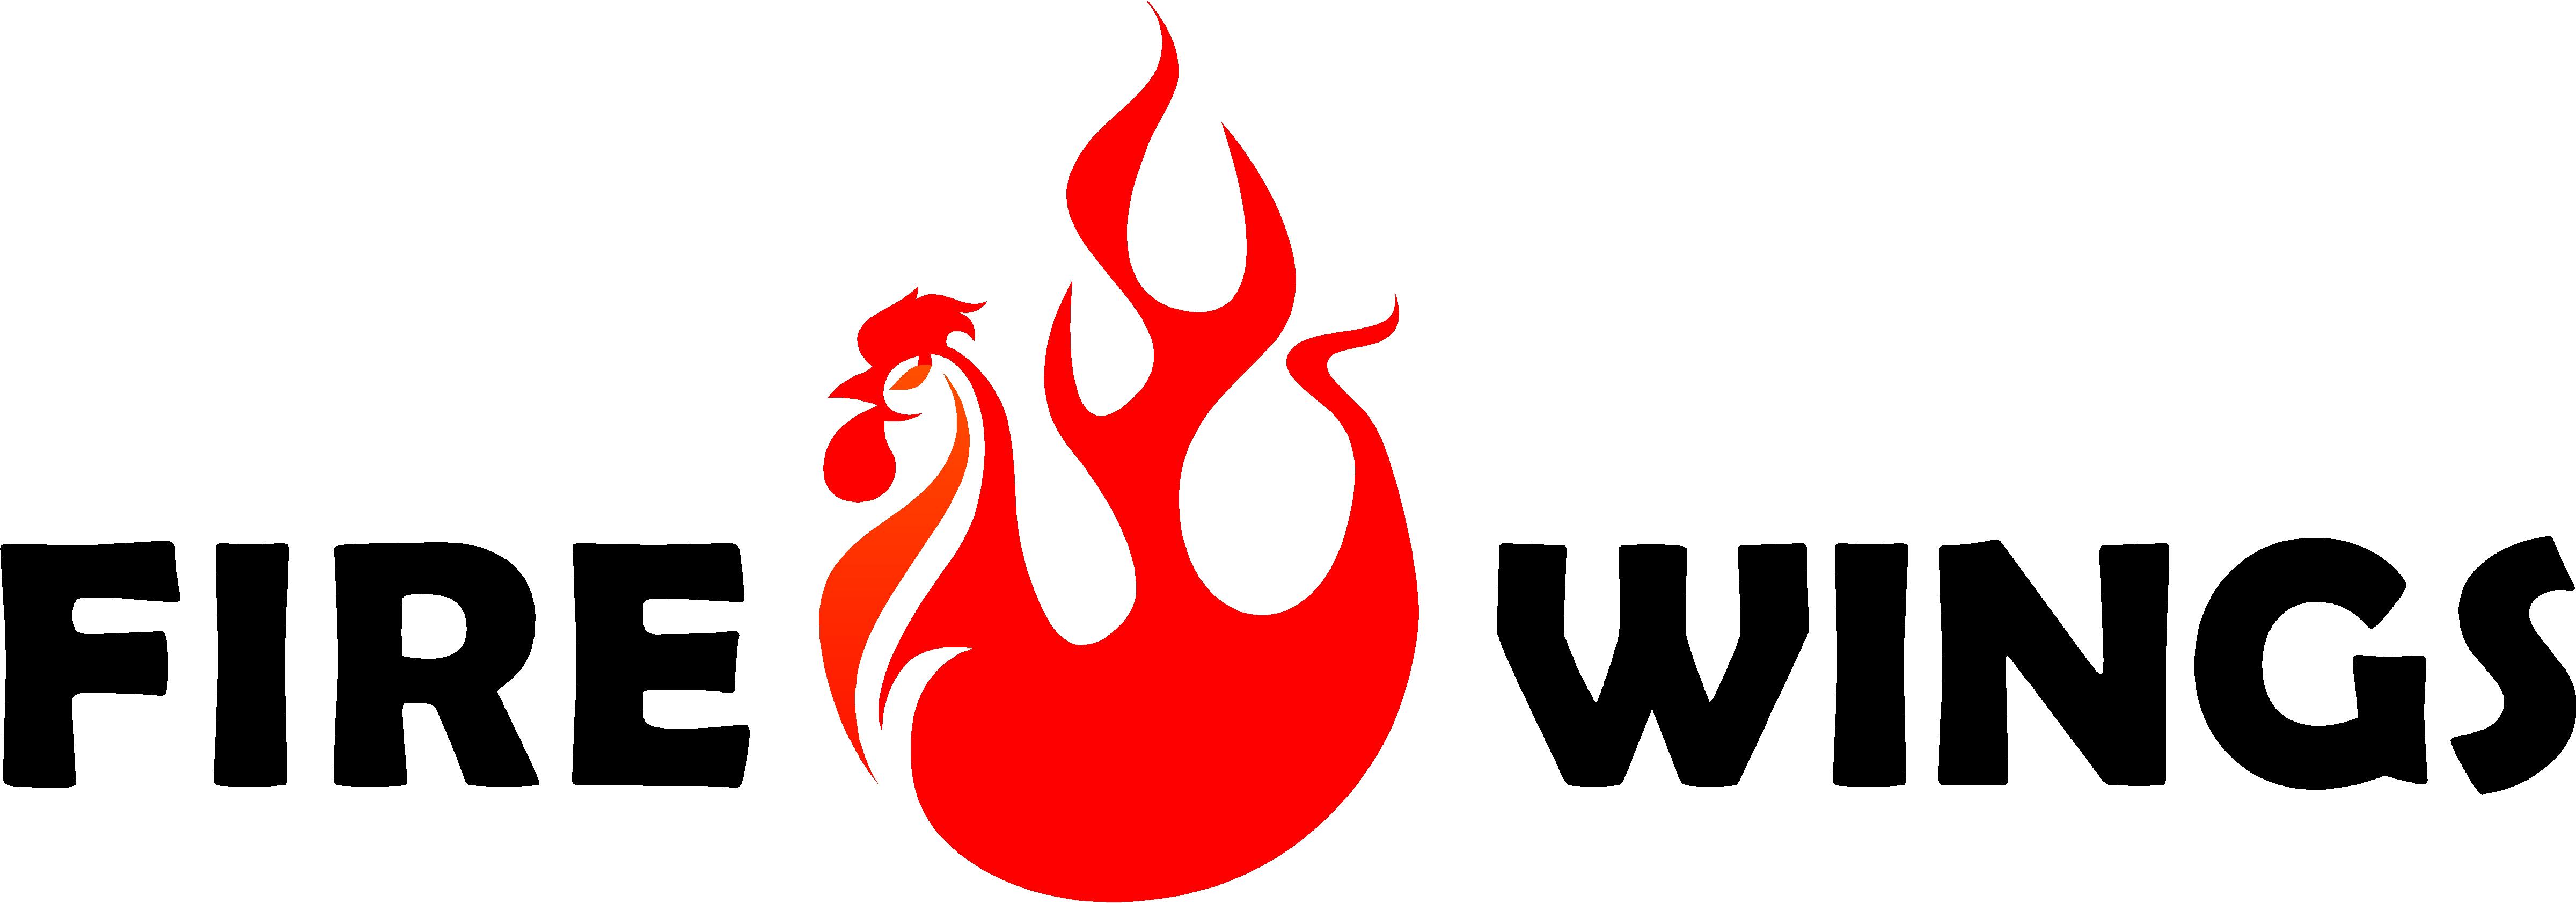 FireWings_600dpi